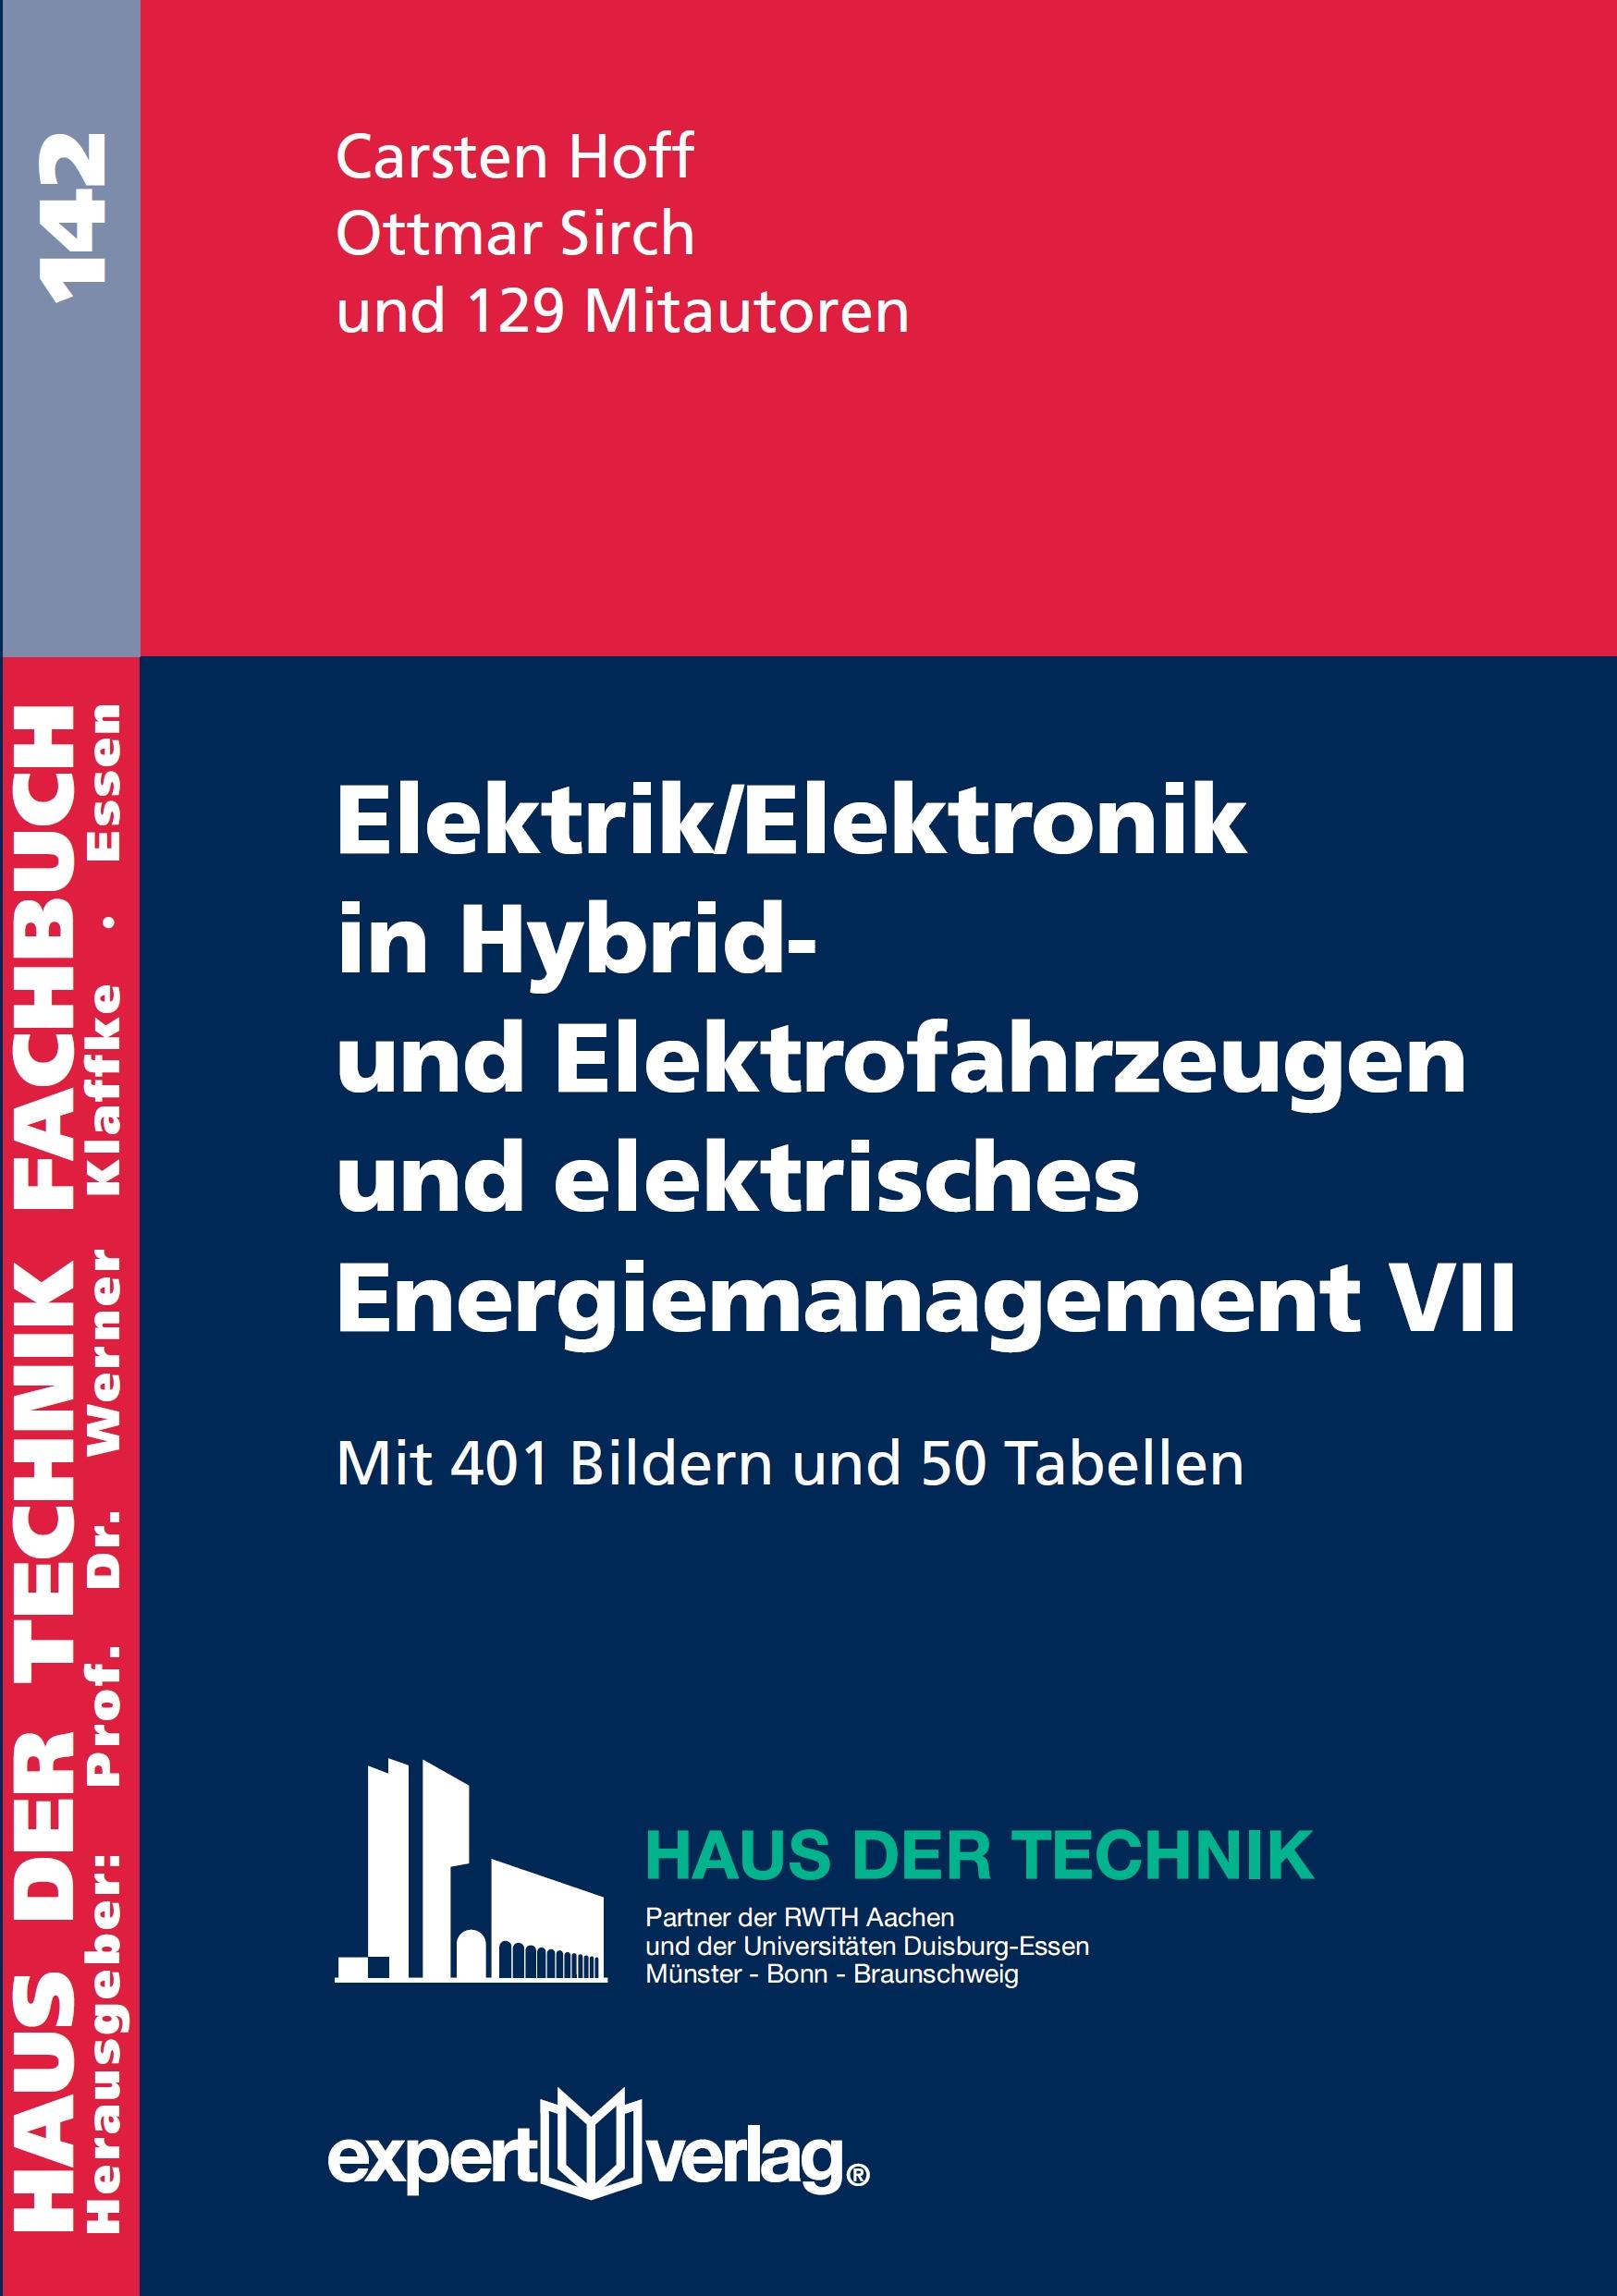 Elektrik/Elektronik in Hybrid- und Elektrofahrzeugen und elektrisches Energiemanagement VII